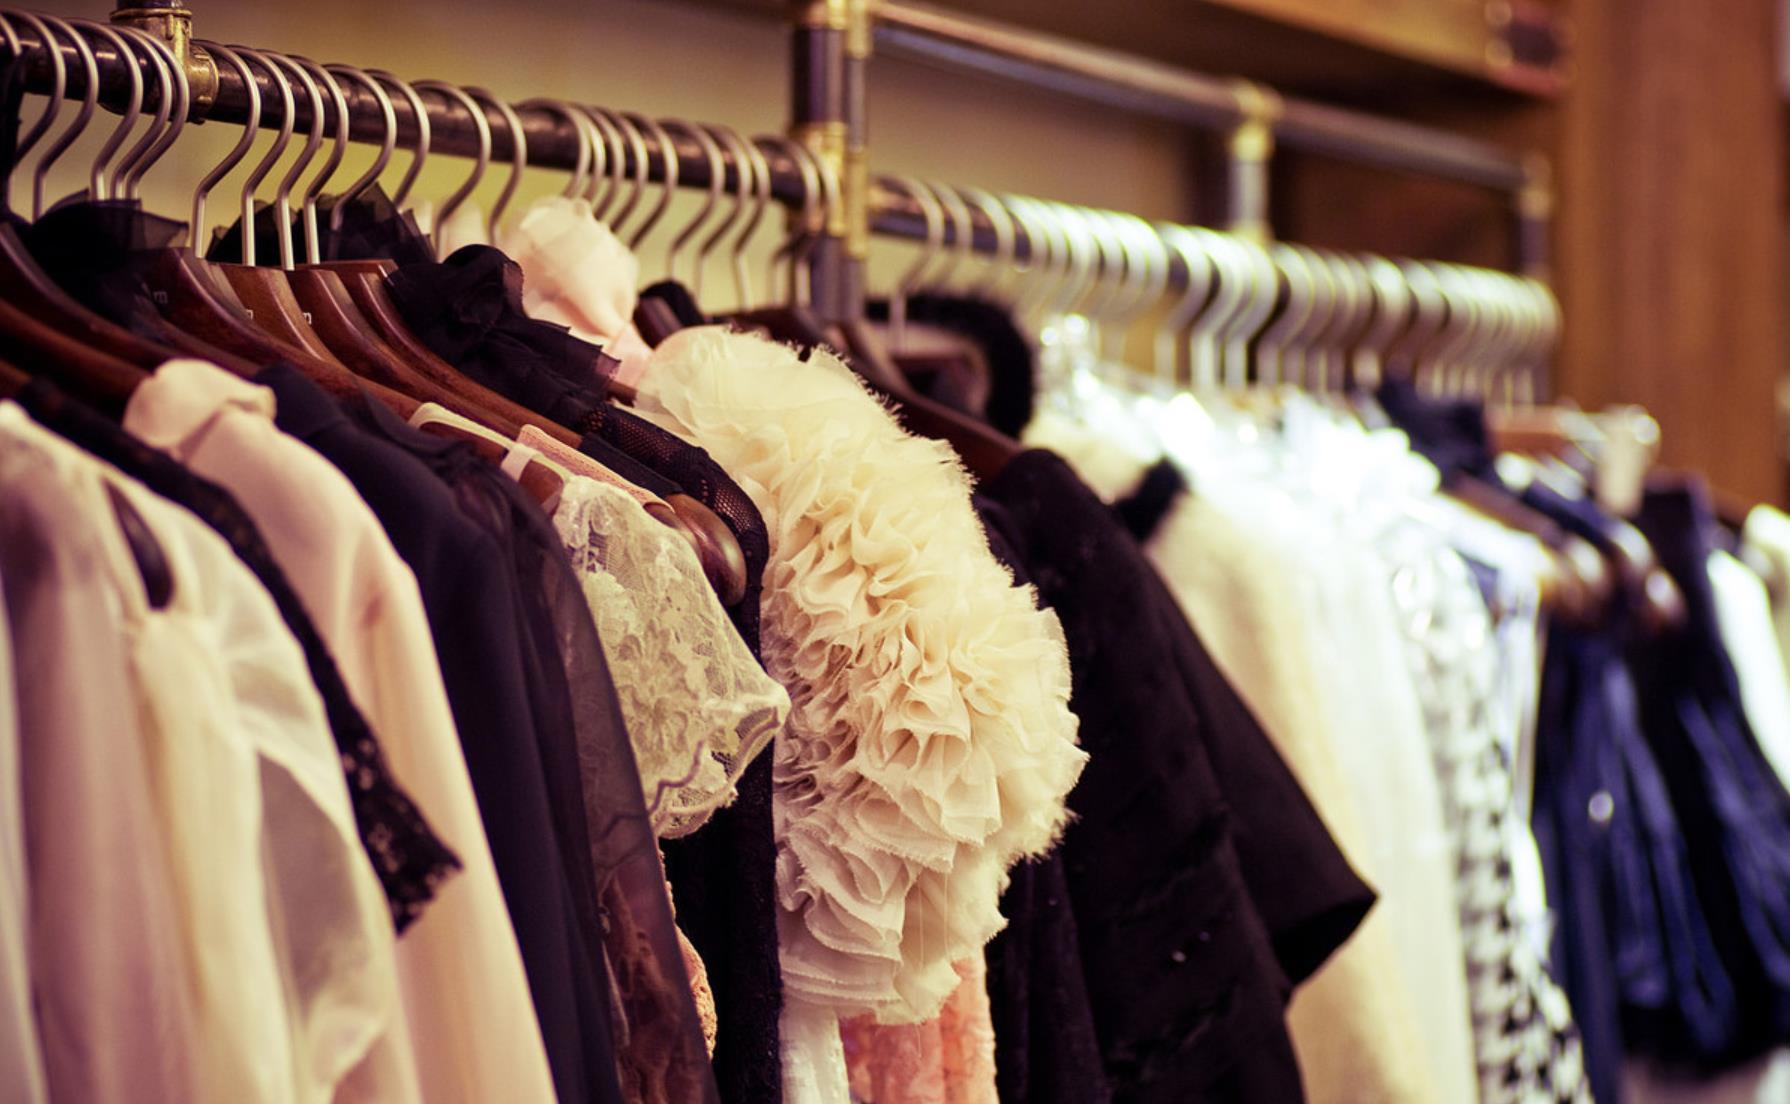 服装品牌要火爆 卖人设、IP营销造势少不了